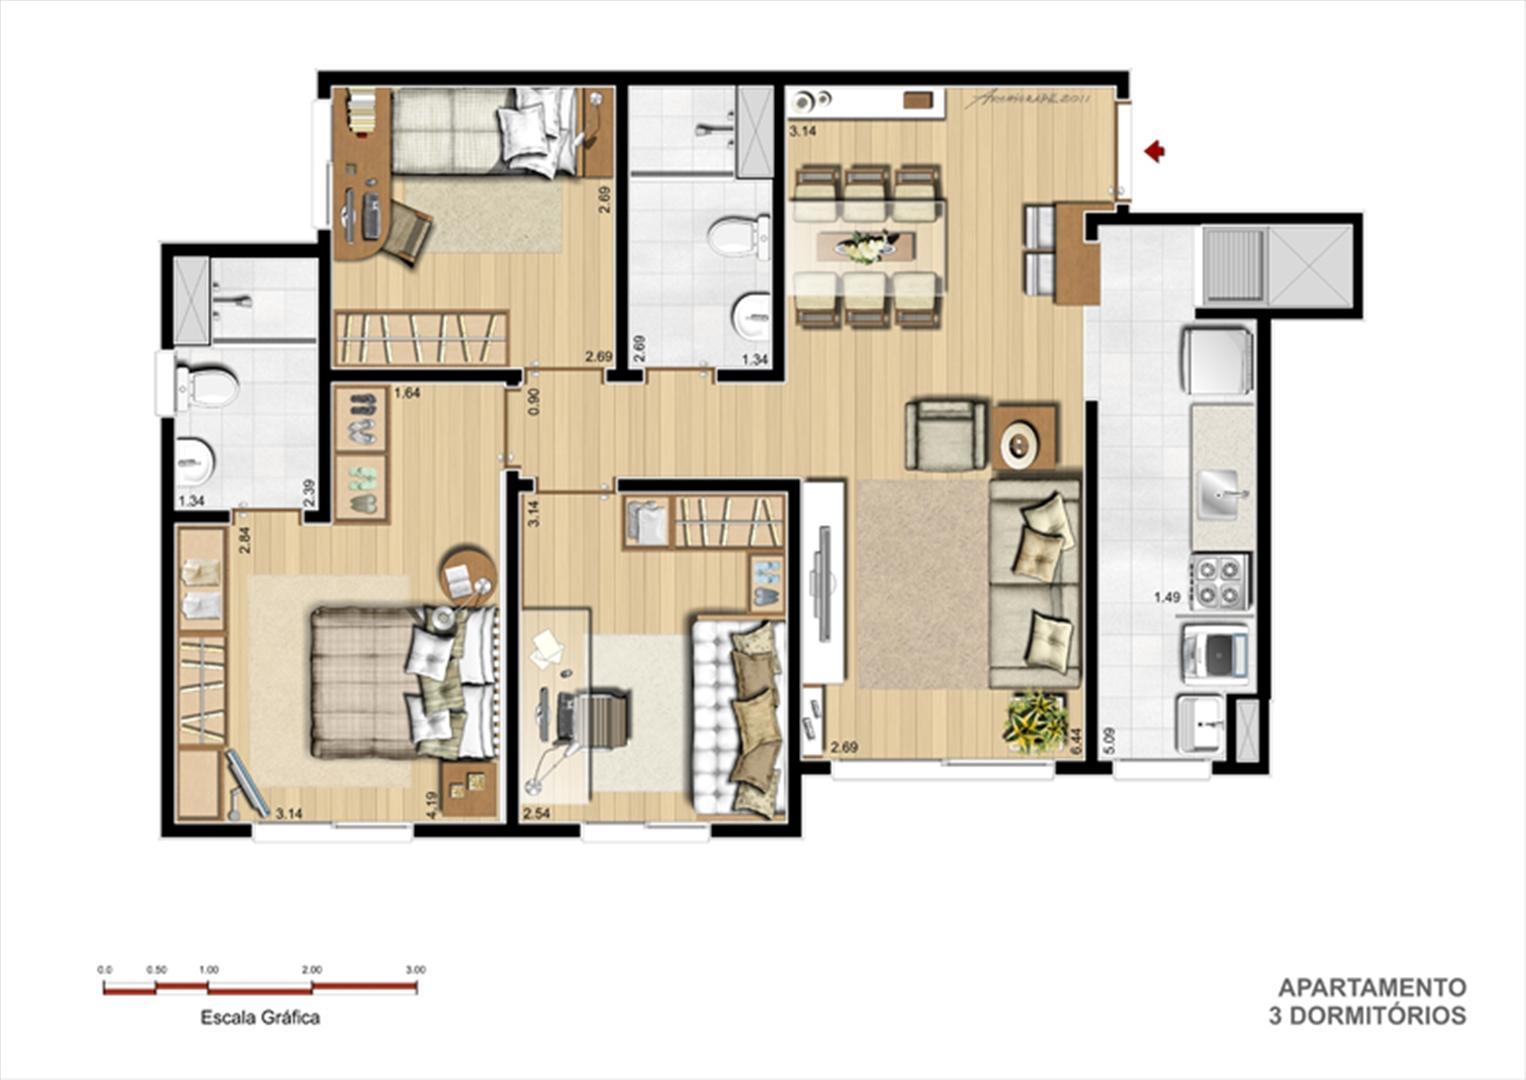 Planta Apto. 3 Dorm. com suíte 71 m² | Grand Square Zona Norte – Apartamento  próximo ao Zaffari Center Lar - Porto Alegre - Rio Grande do Sul